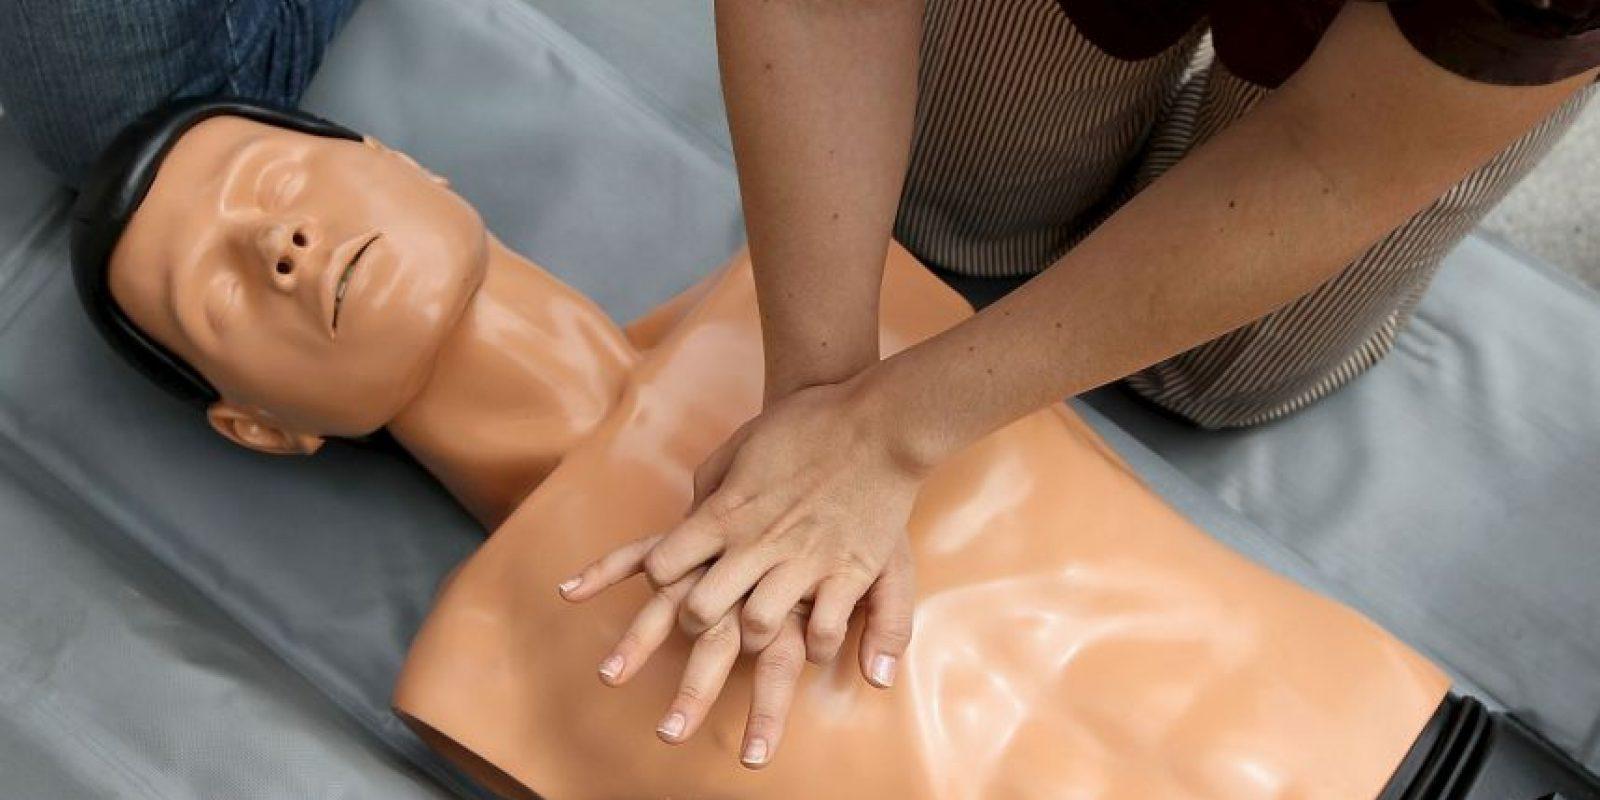 Los primeros auxilios inmediatos son muy importantes en una emergencia por intoxicación. Los primeros auxilios que se administren antes de conseguir ayuda médica pueden salvar la vida de una persona. Foto:Getty Images